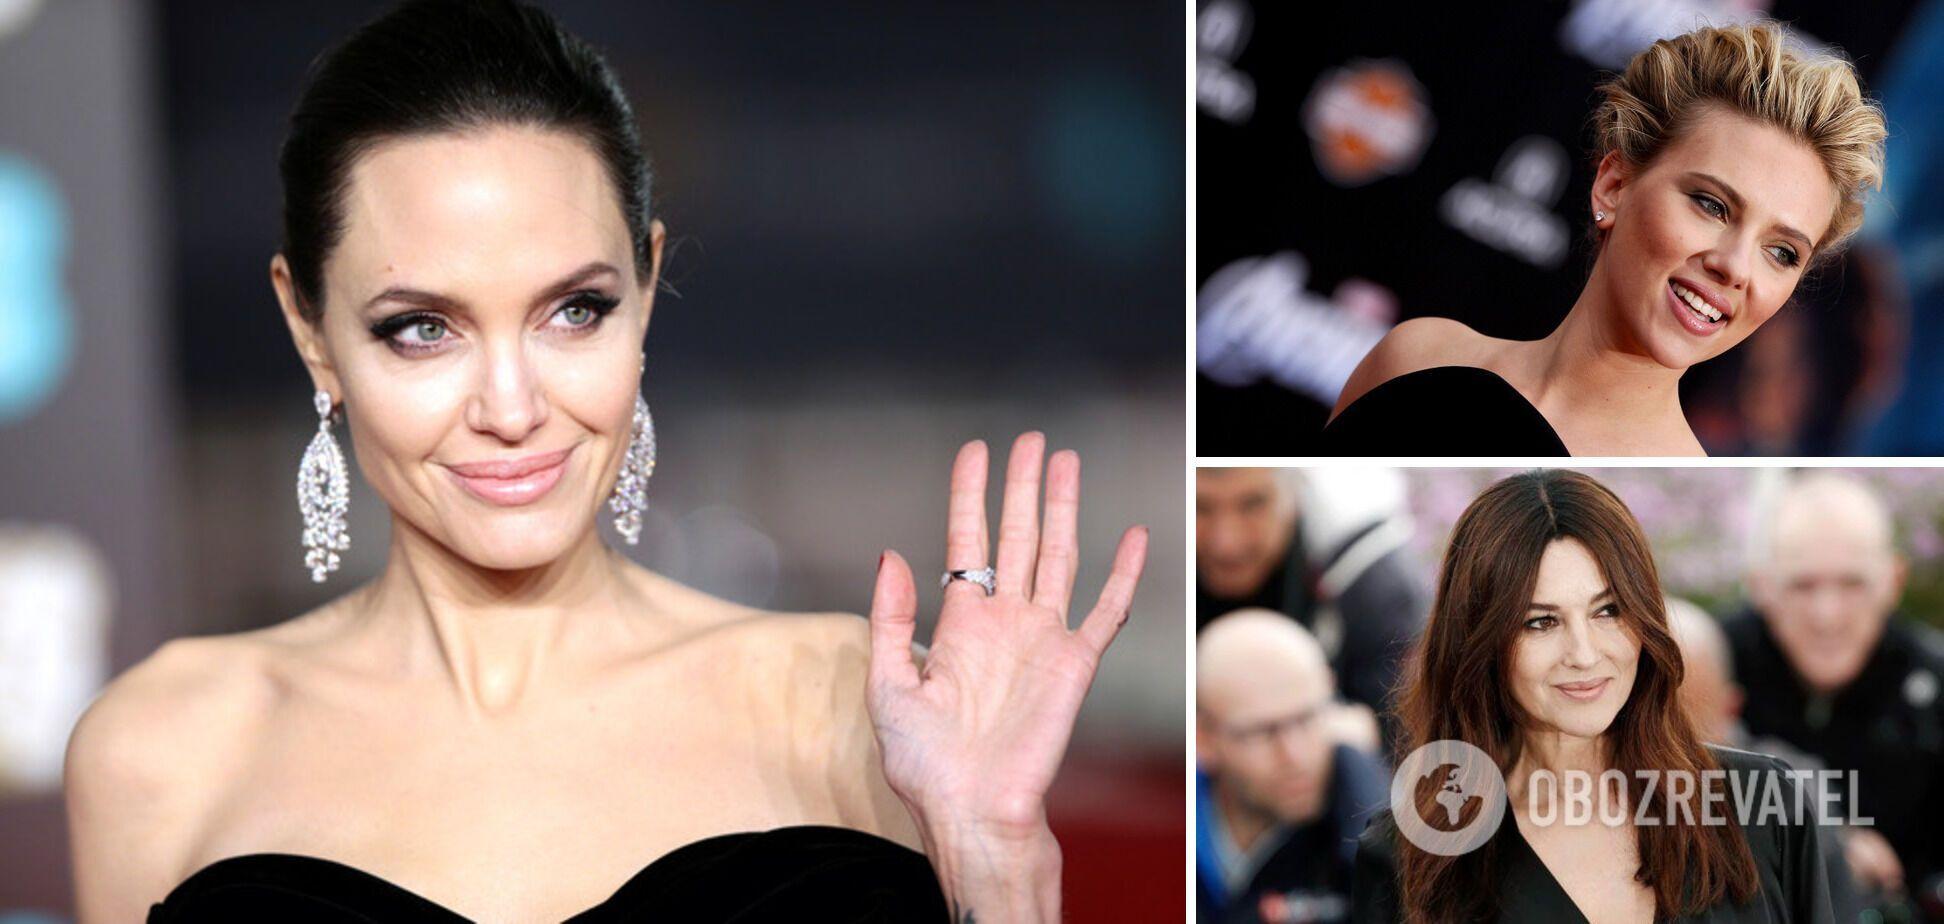 Голливудские звезды редактируют фото до неузнаваемости